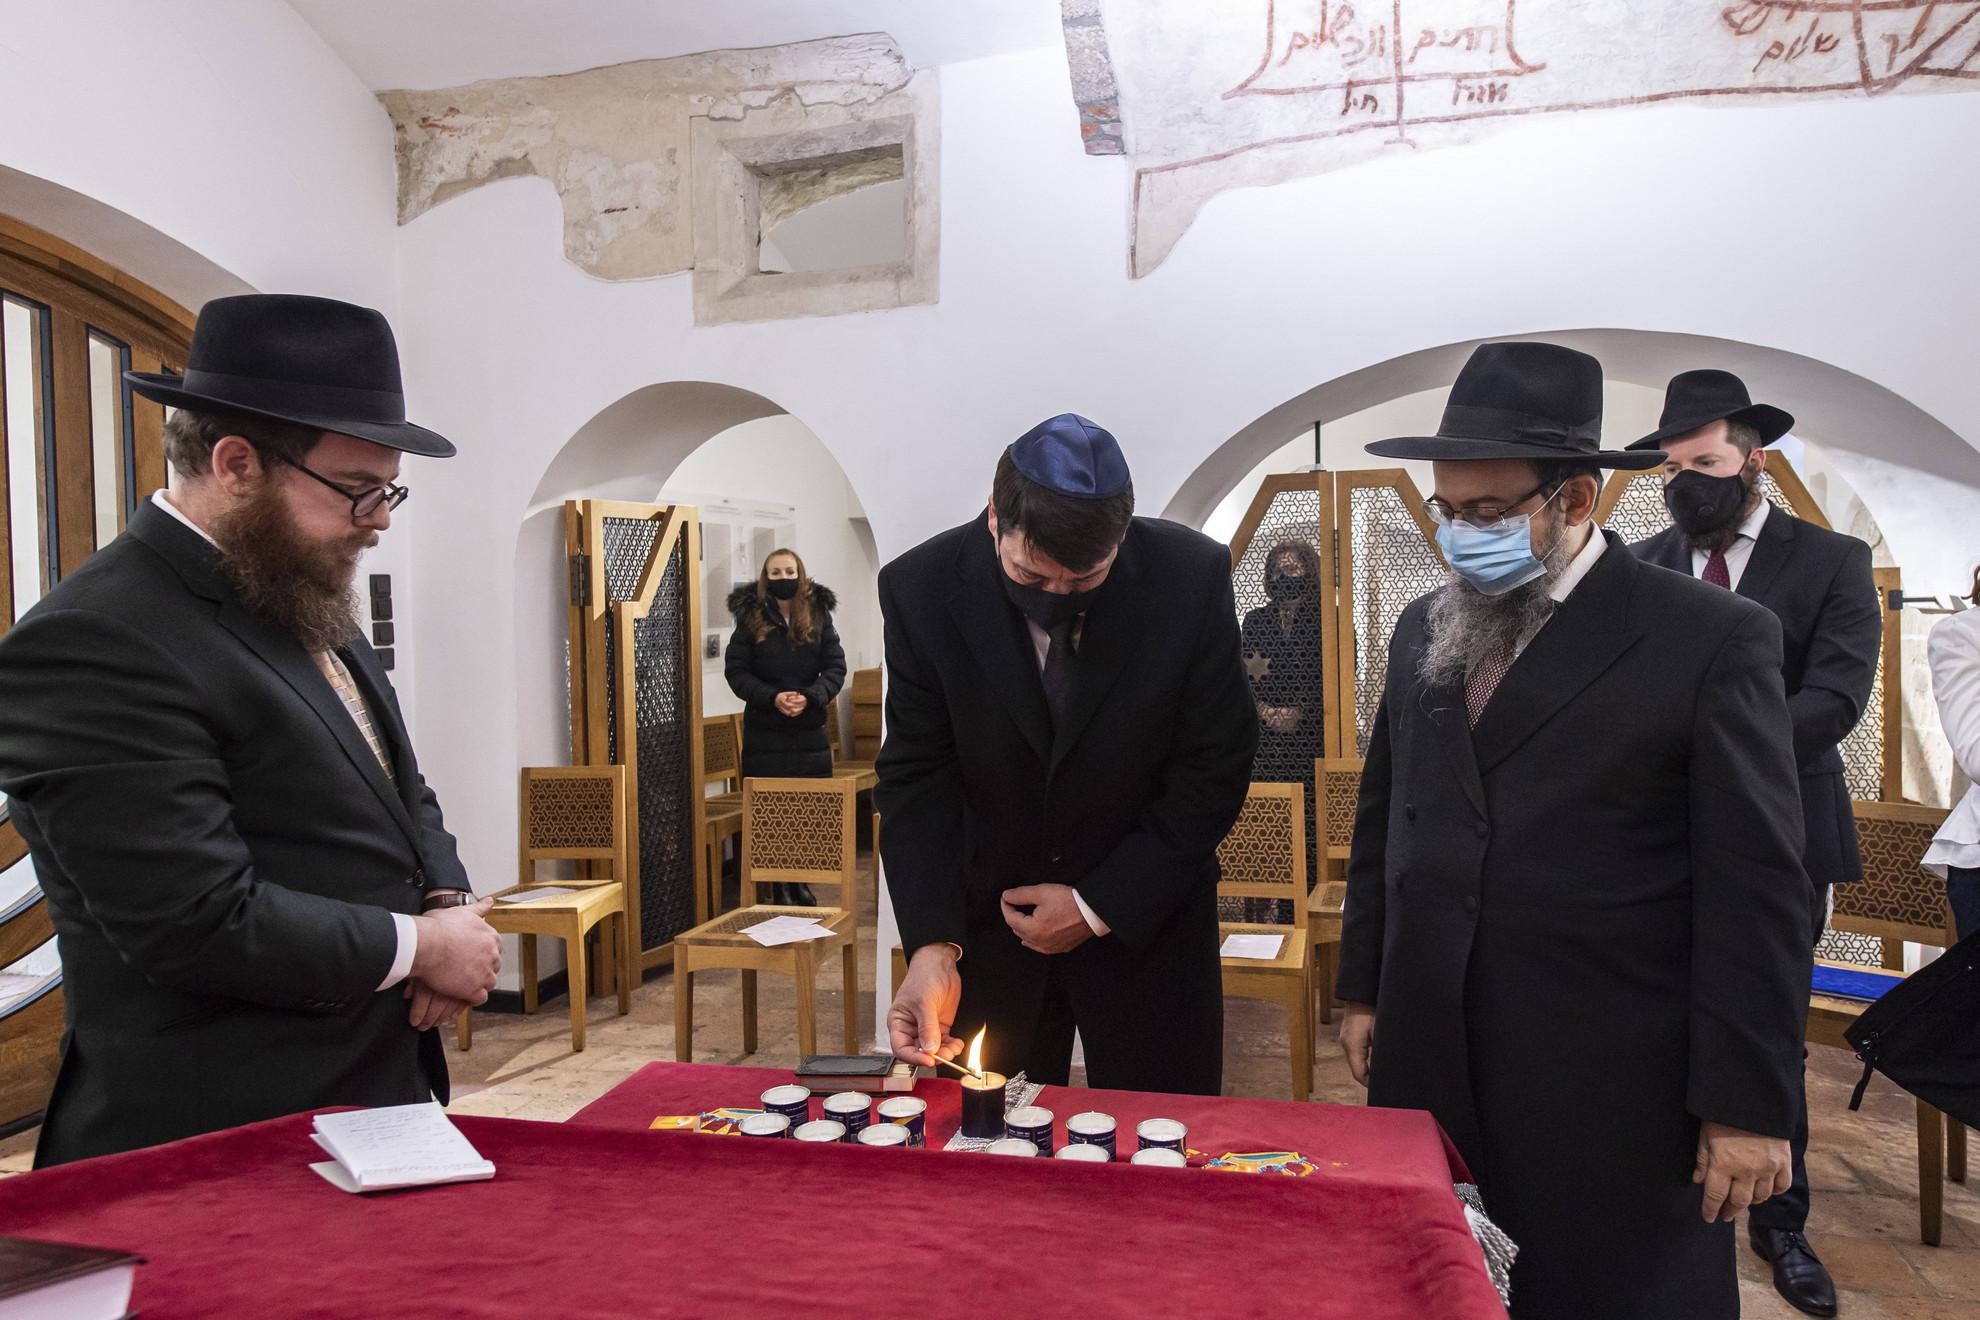 Áder János köztársasági elnök gyertyát gyújt a holokauszt nemzetközi emléknapja alkalmából tartott rendezvényen a budavári zsinagógában 2020. január 27-én. Mellette Köves Slomó, az Egységes Magyarországi Izraelita Hitközség vezető rabbija, Oberlander Báruch, a Budapesti Ortodox Rabbinátus és a Chabad-Lubavics irányzat magyarországi vezetője és Faith Asher a zsinagóga rabbija (b-j).